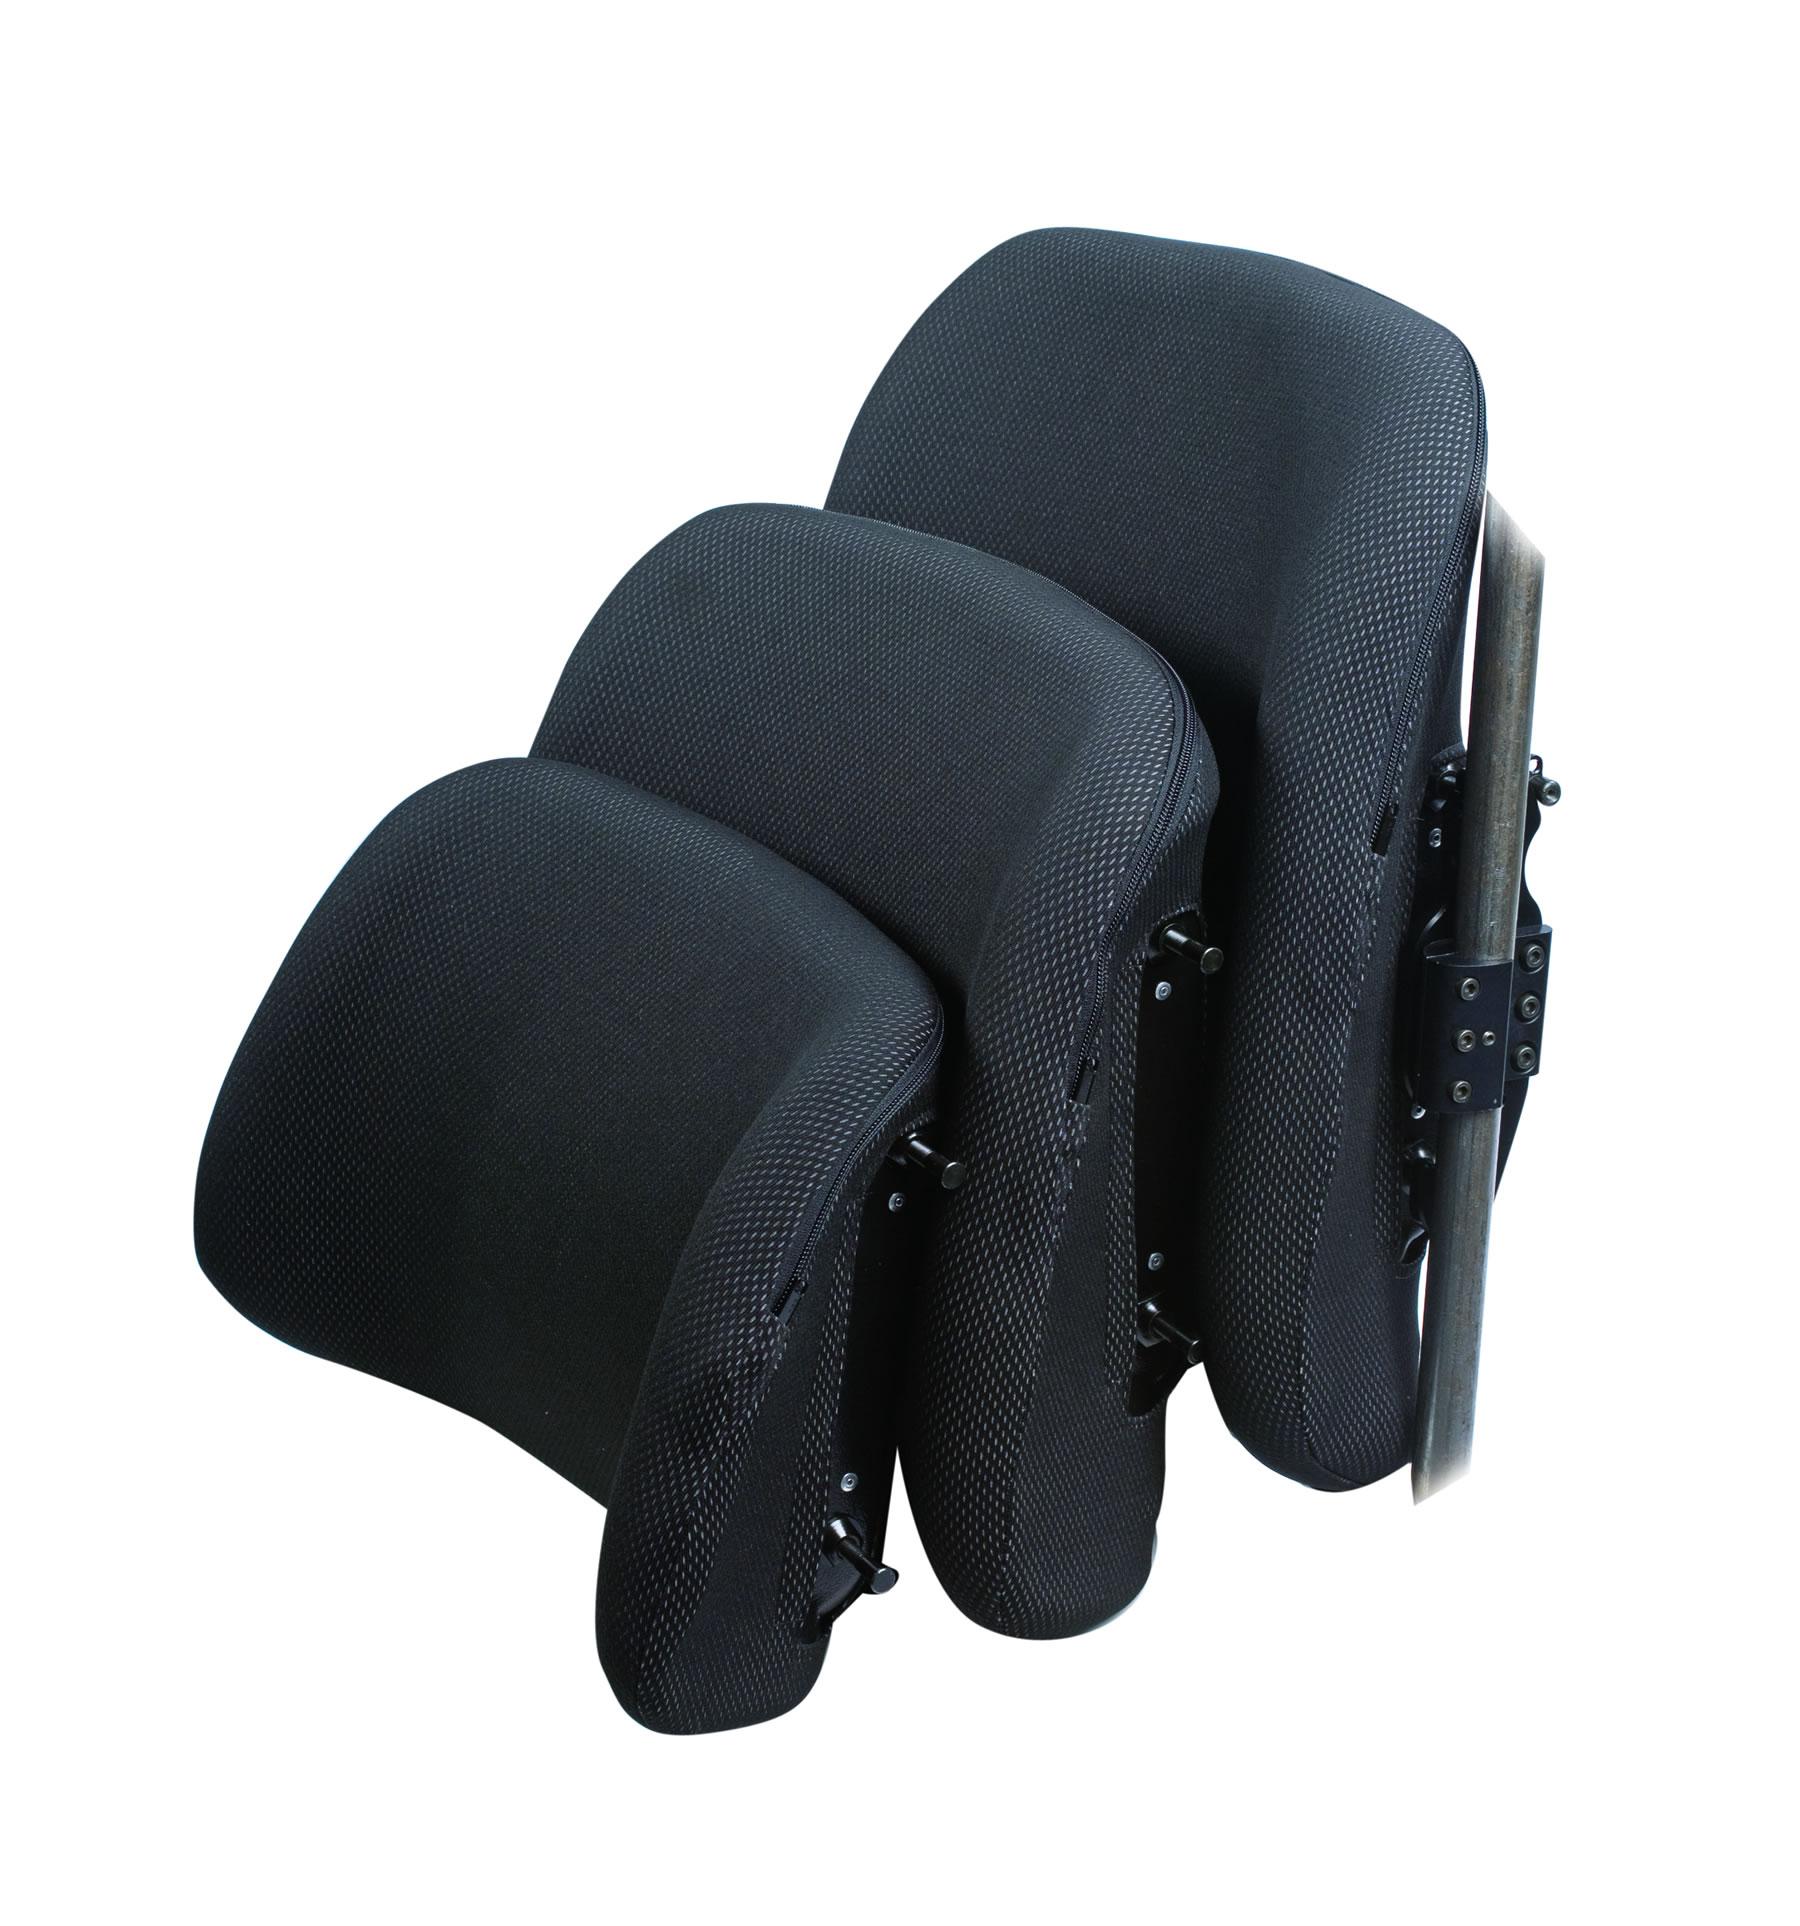 Wheelchair Backrests